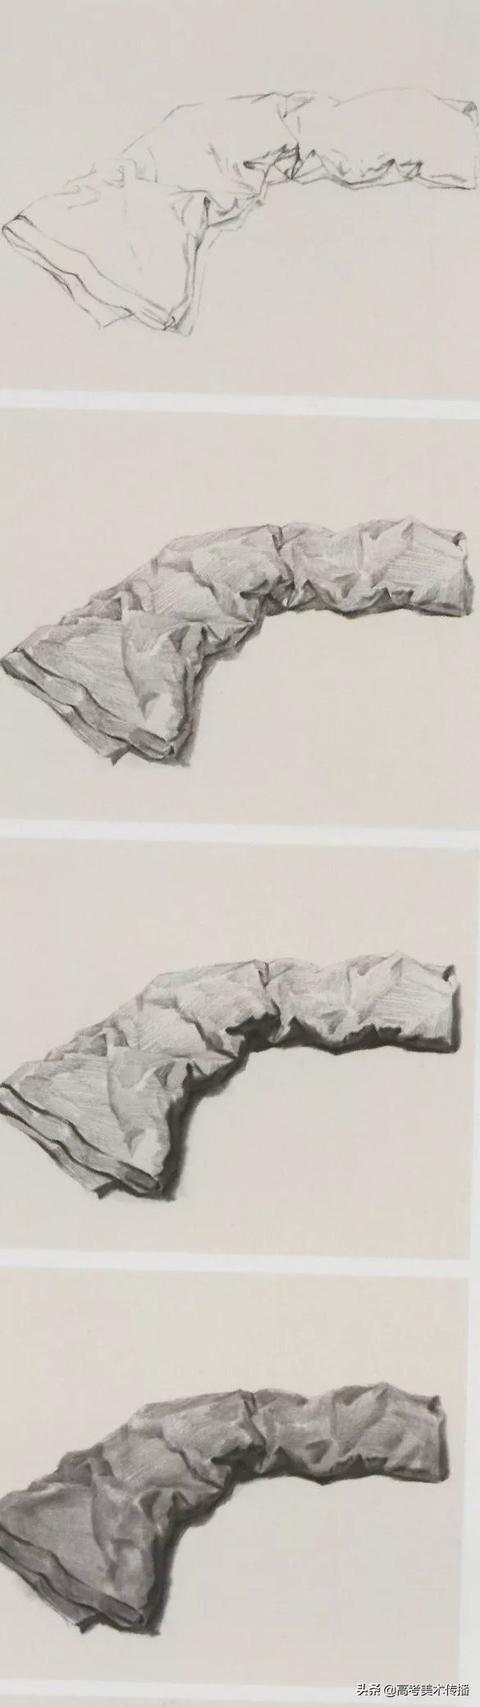 素描静物衬布的画法